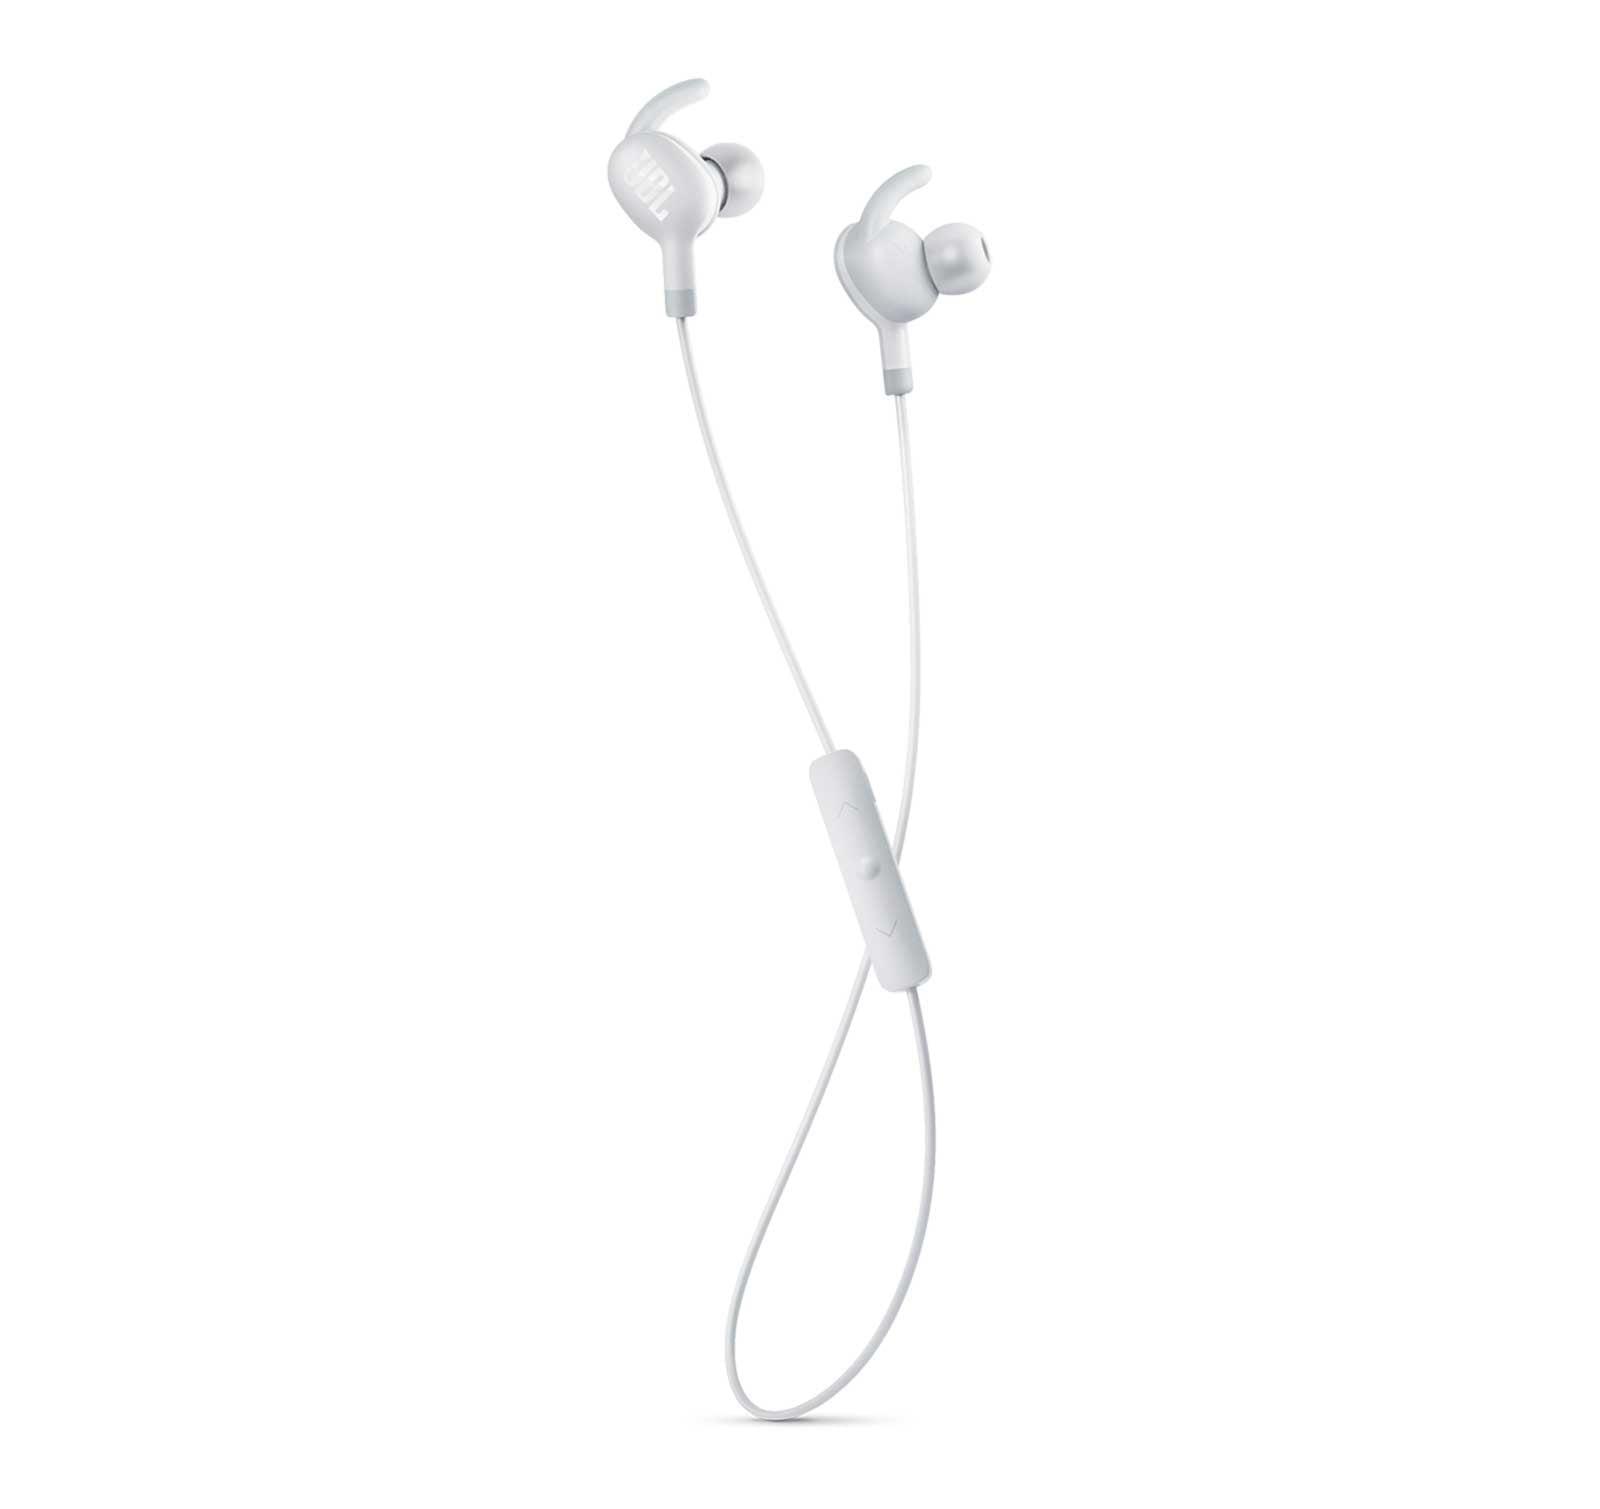 Audifonos JBL Everest 100 inalámbrico Bluetooth auriculares (blanco) + JBL en Veo y Compro